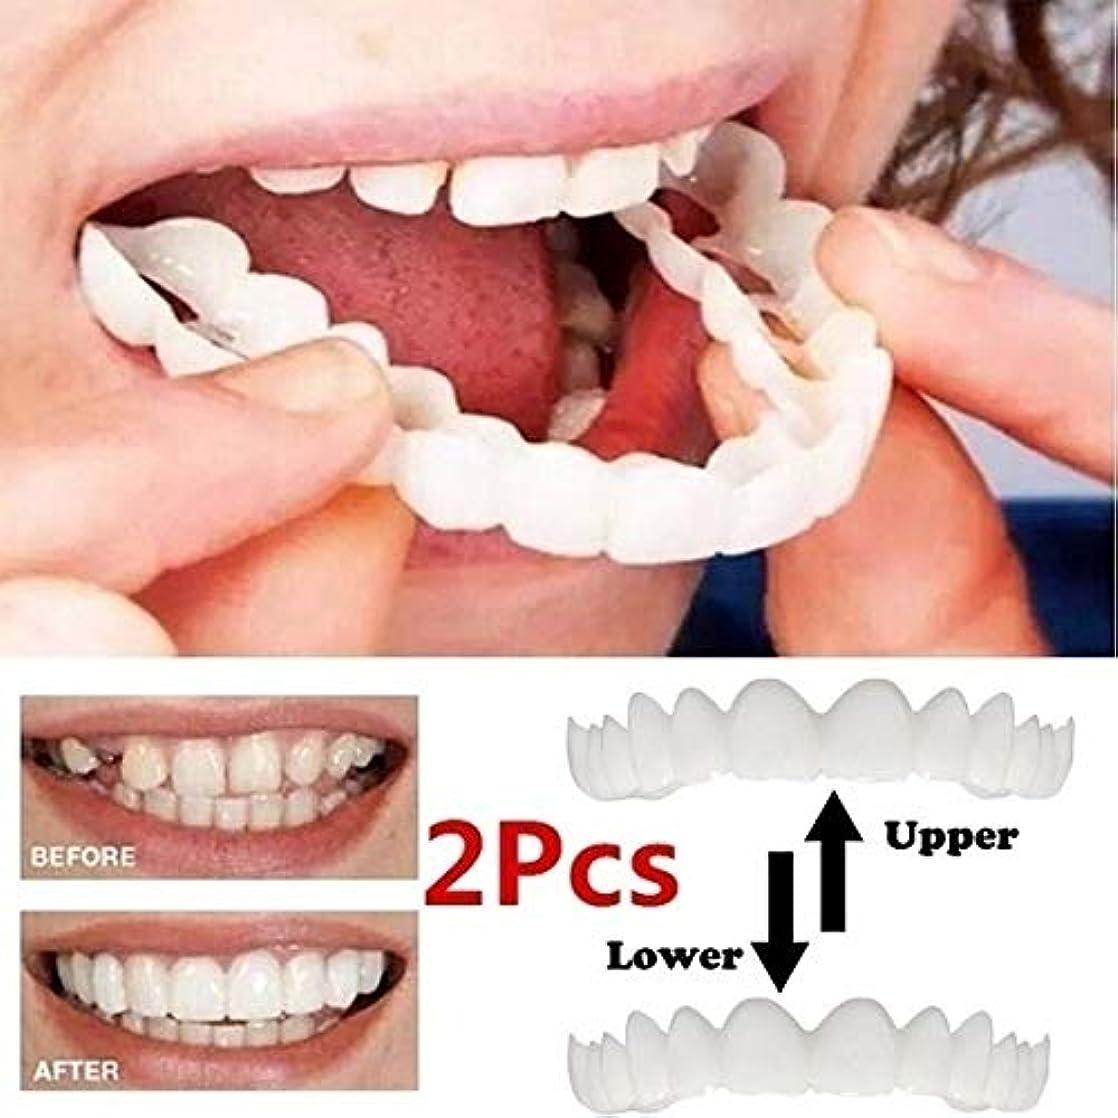 ジャーナリストあいまいさまたね一時的な笑顔の快適さフィット化粧品の歯義歯のベニヤ歯の快適さフィットフレックス化粧品の歯の上の歯のベニヤと下のベニヤ - 歯のベニヤ